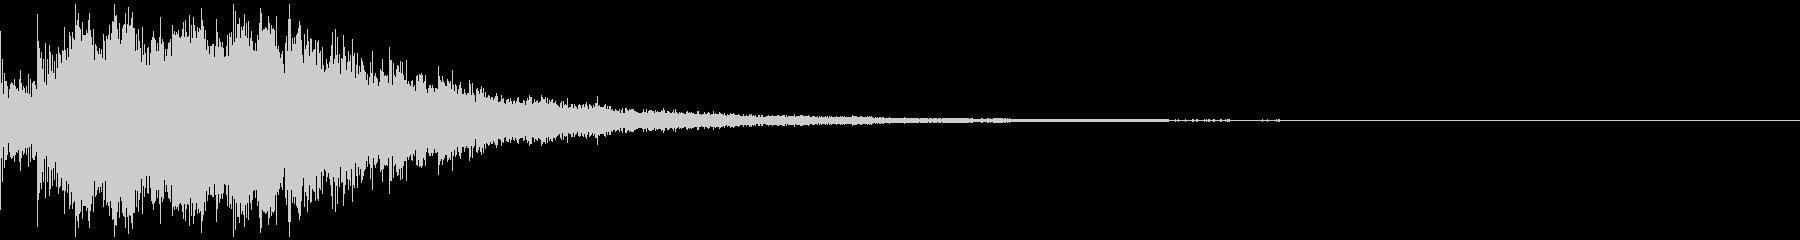 ミステリアスなタイトルロゴ③の未再生の波形